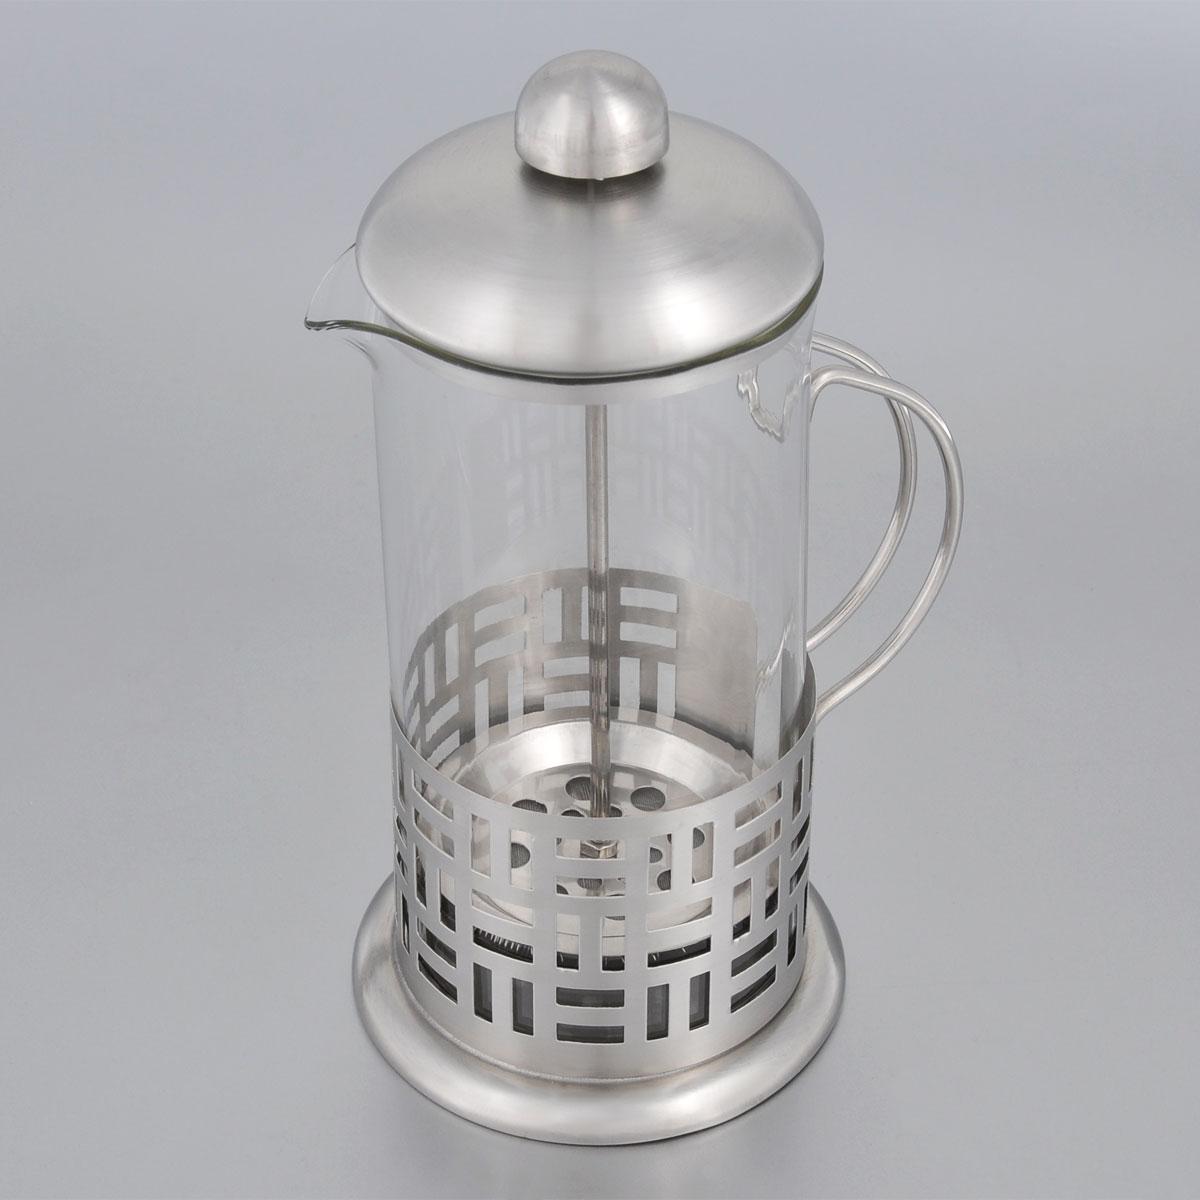 Френч-пресс Bohmann, 600 мл. 9560BH391602Френч-пресс Bohmann используется для заваривания крупнолистового чая, кофе среднего помола, травяных сборов. Изготовлен из высококачественной нержавеющей стали и термостойкого стекла, выдерживающего высокую температуру, что придает ему надежность и долговечность. Френч-пресс Bohmann незаменим для любителей чая и кофе.Можно мыть в посудомоечной машине.Объем: 600 мл.Высота (с учетом крышки): 21 см.Диаметр (по верхнему краю): 9 см.